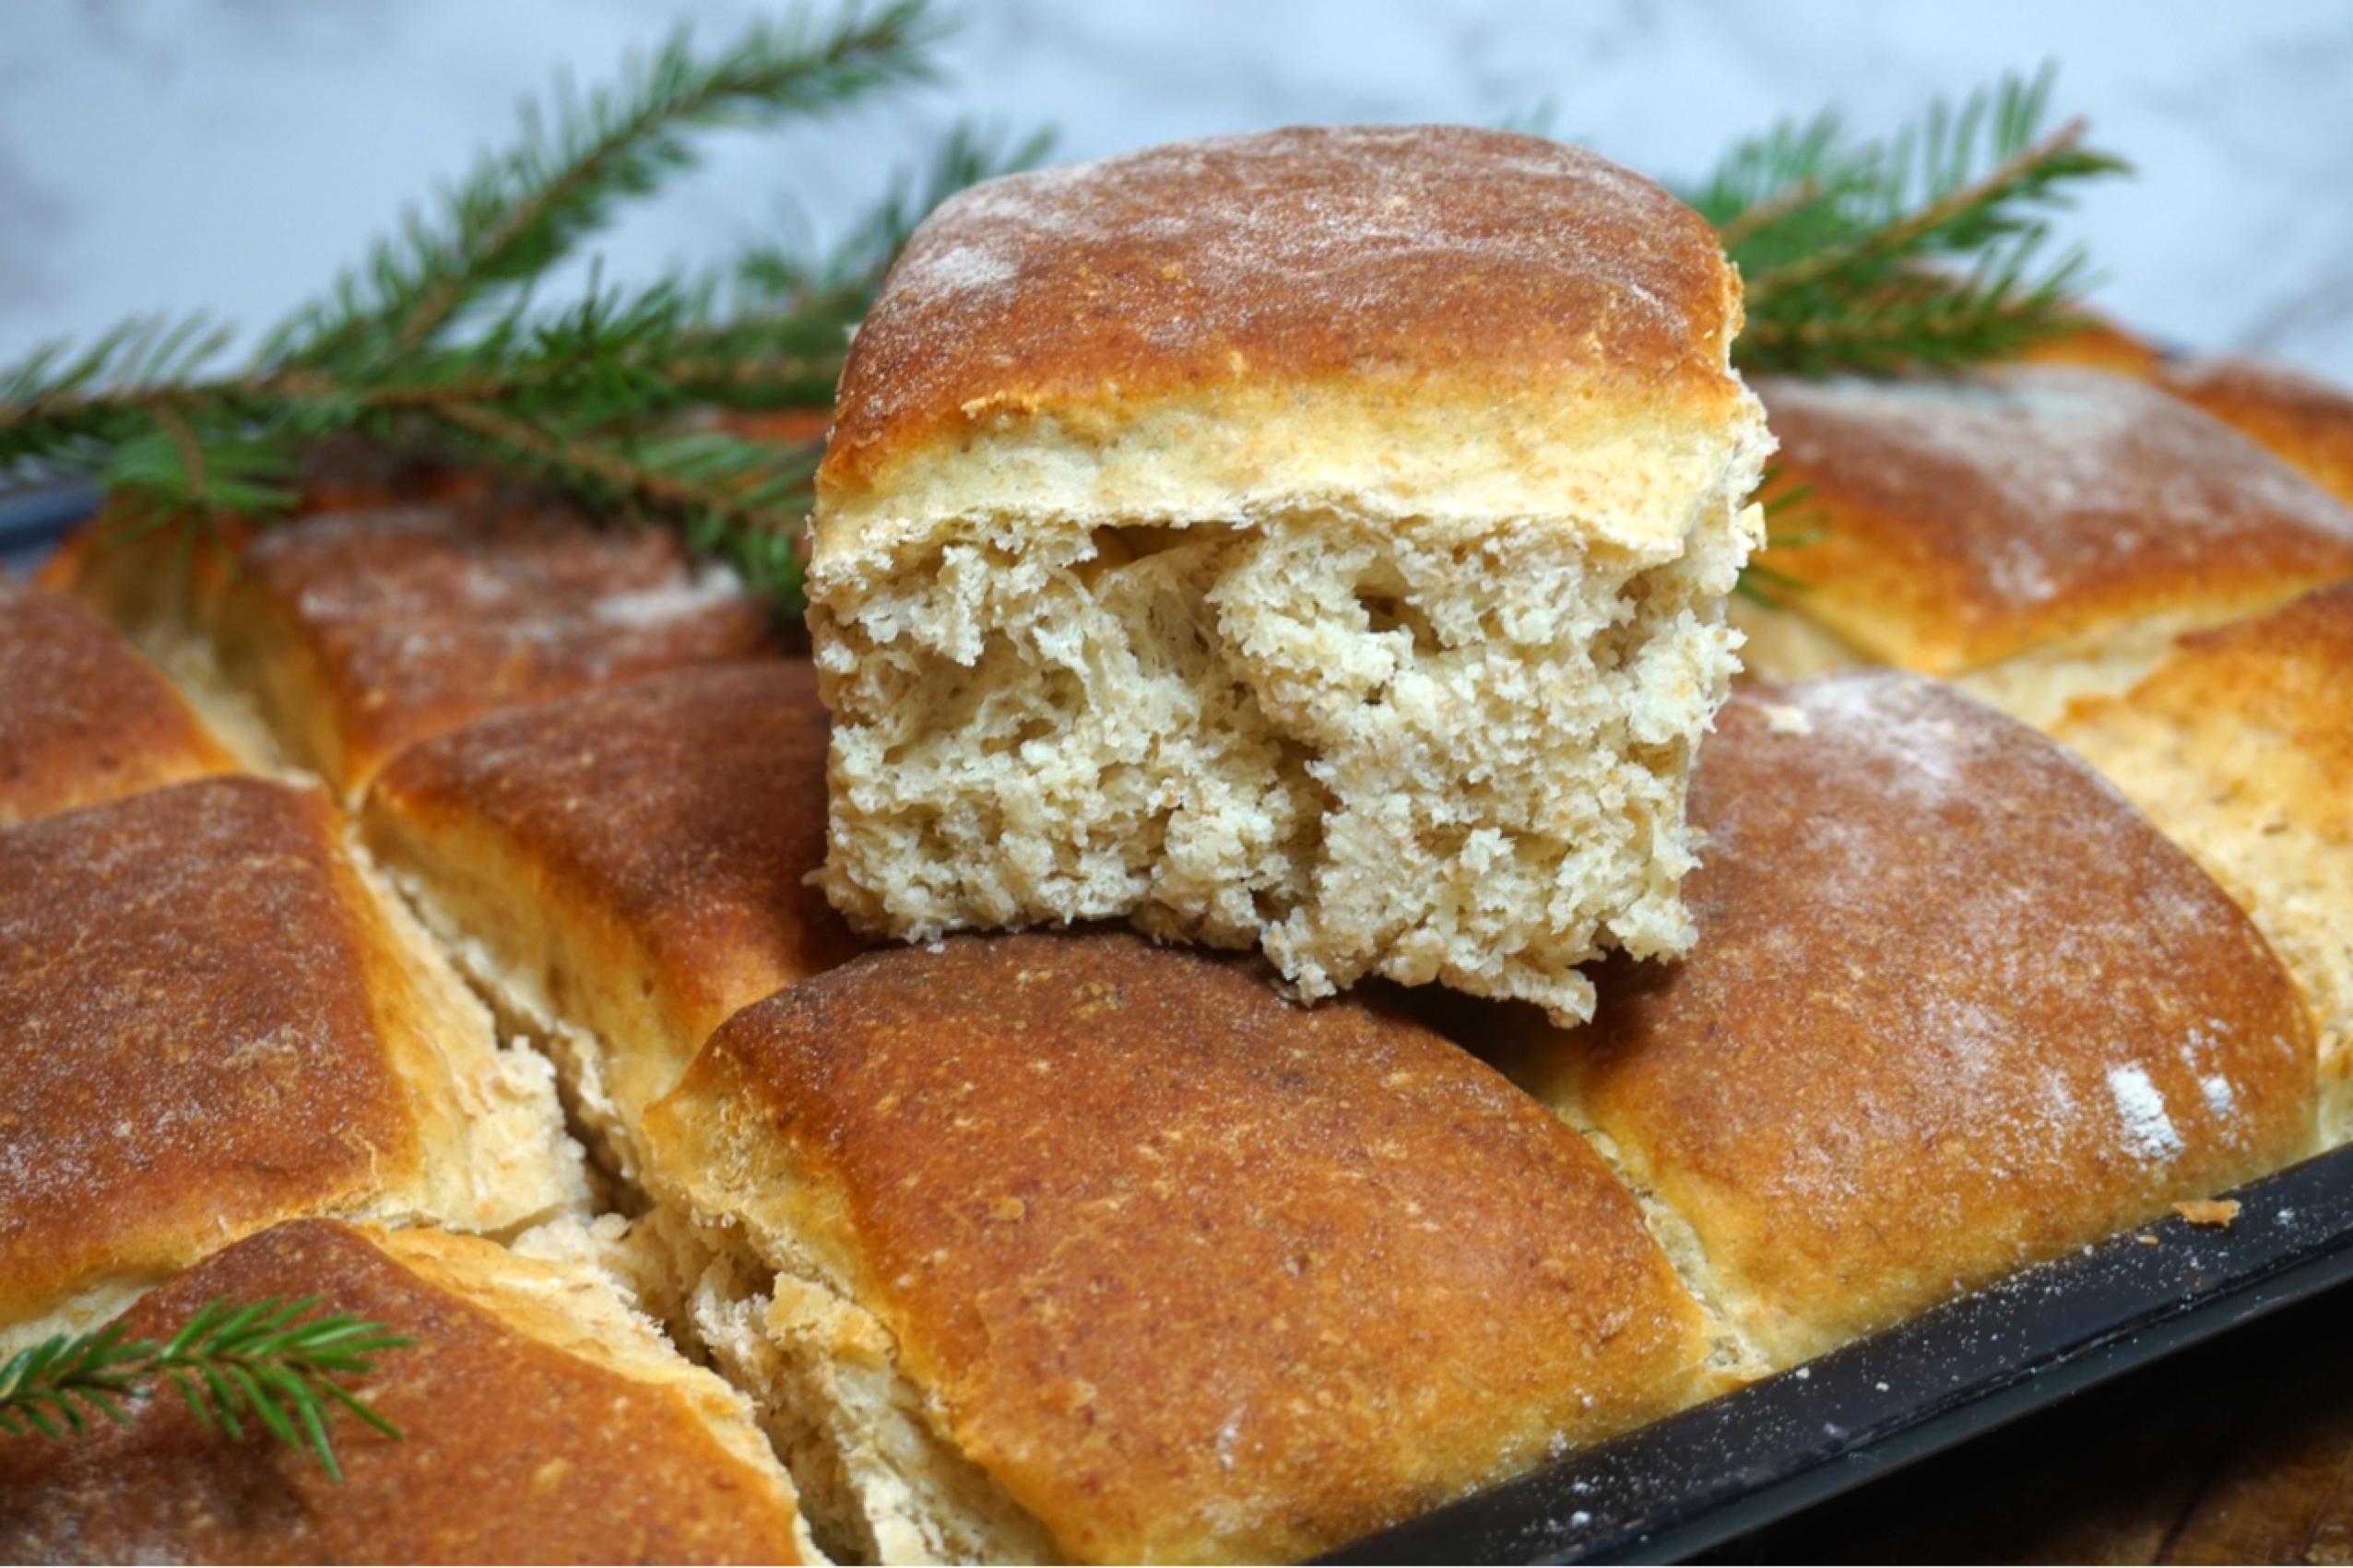 bröd med filmjölk i långpanna